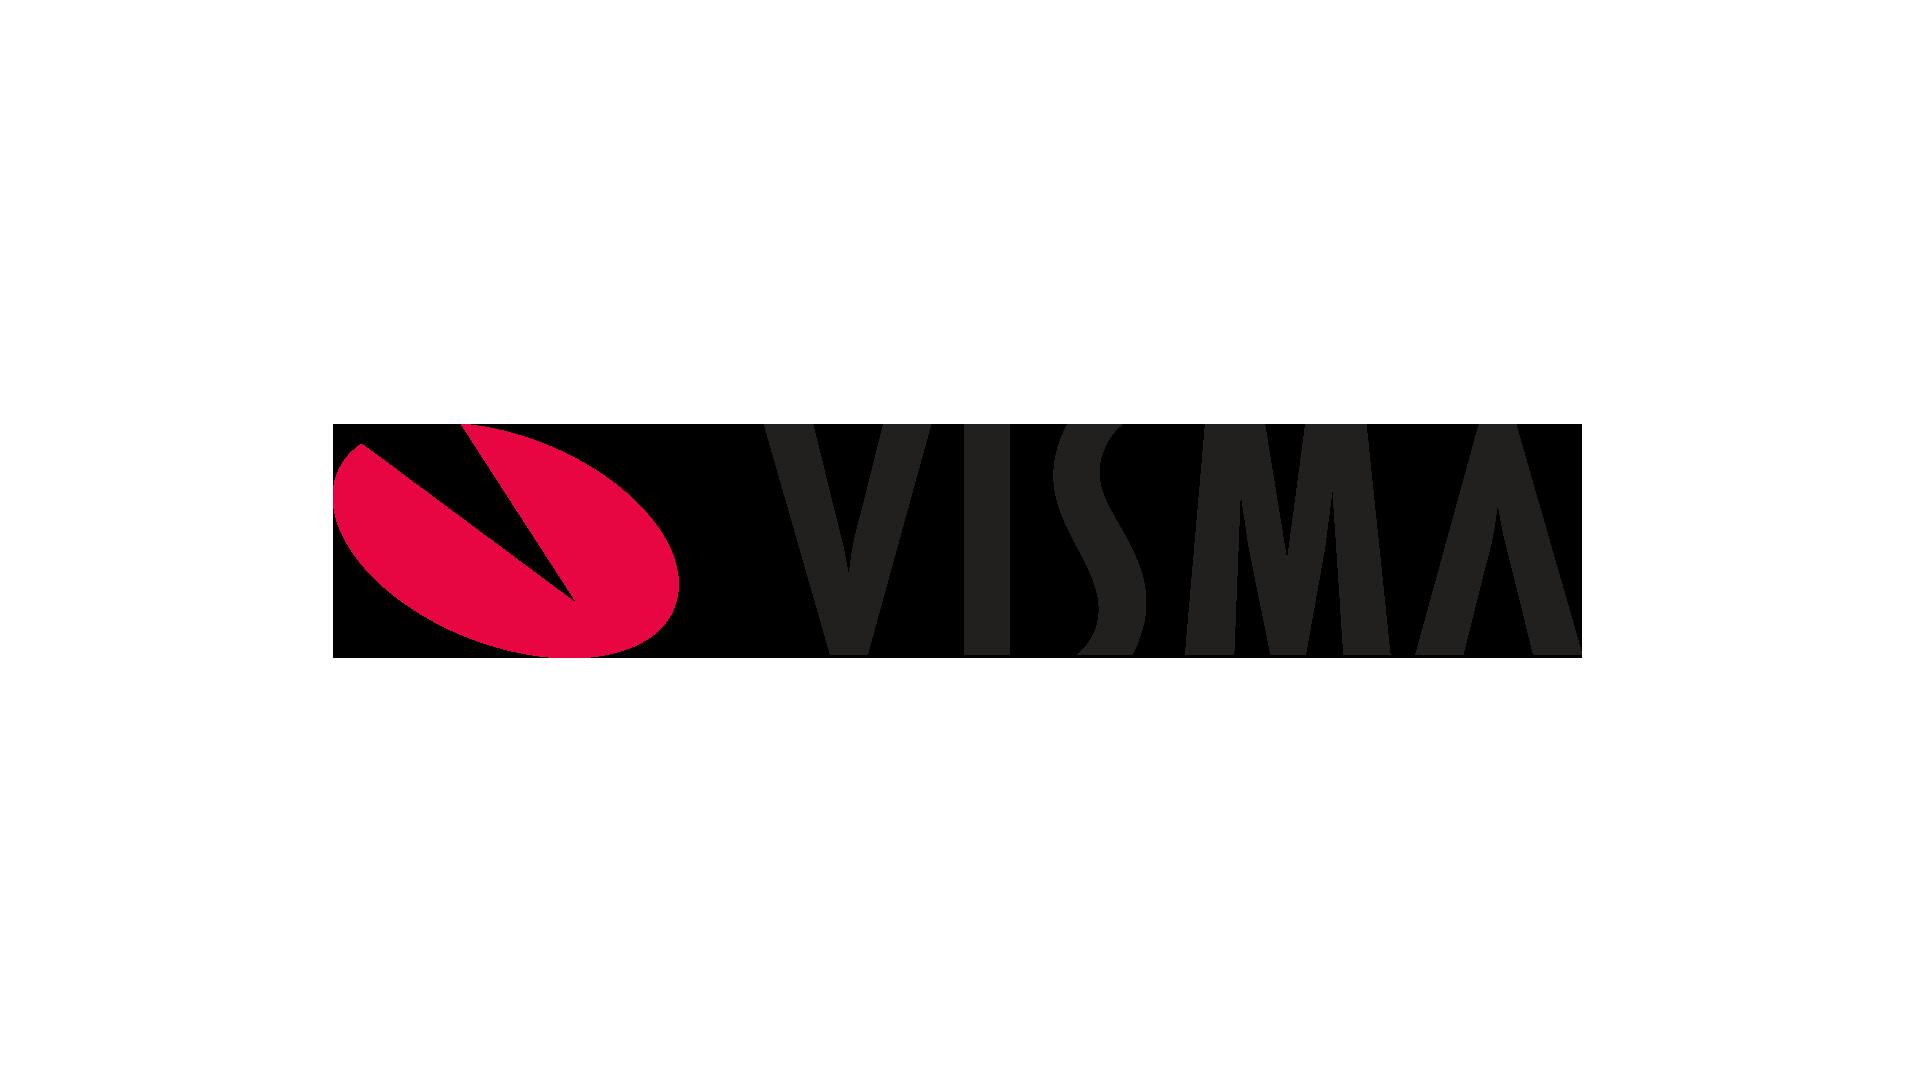 Juridisch advies Visma